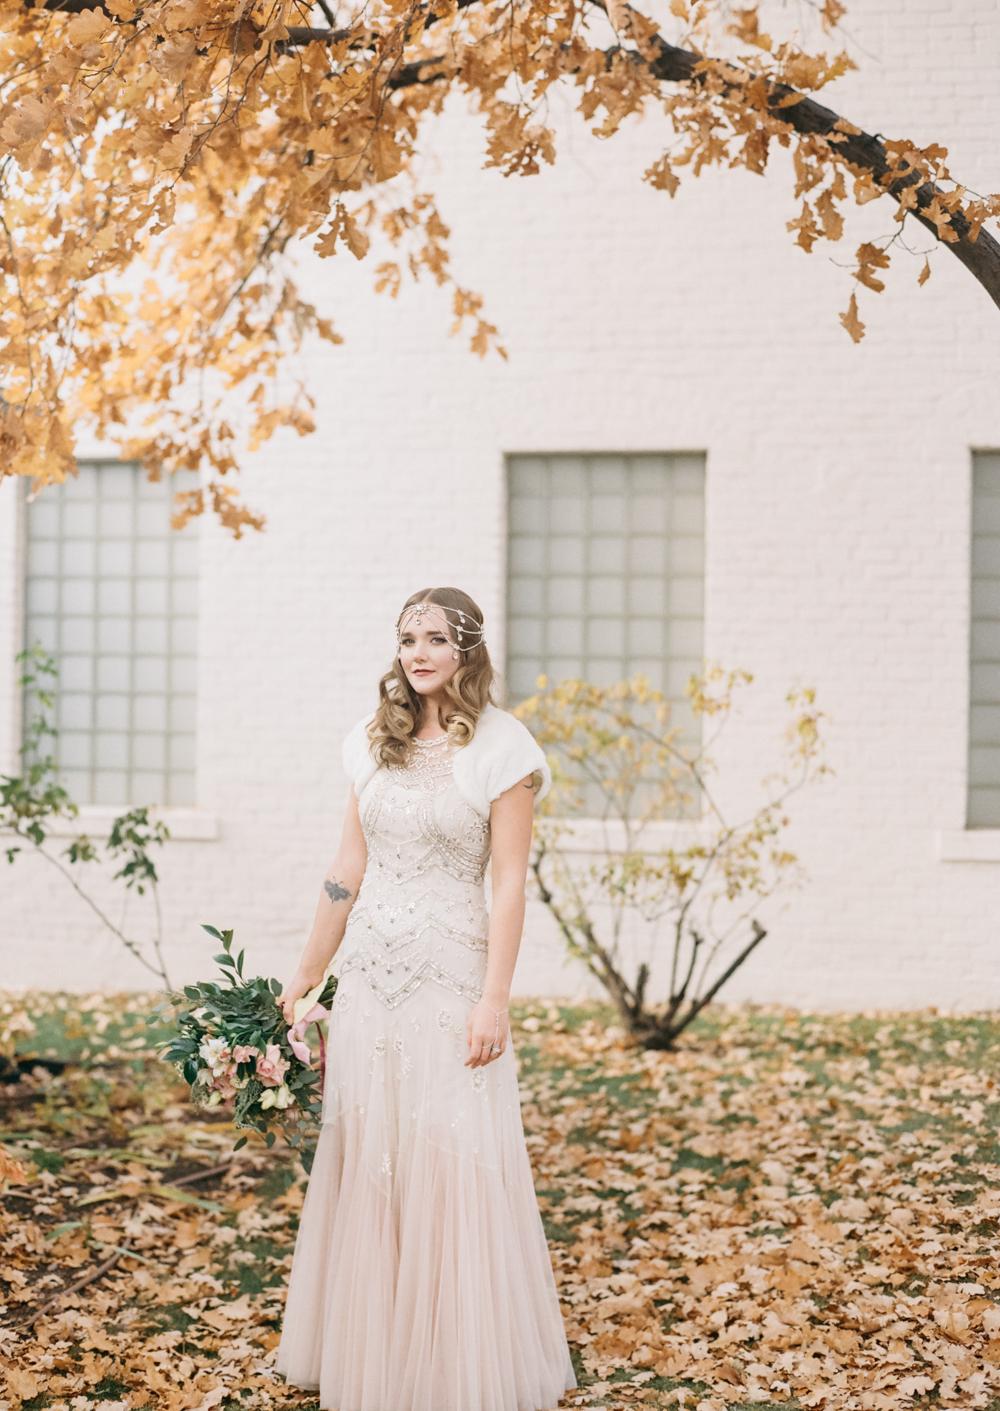 bardenay wedding venue boise-11.jpg